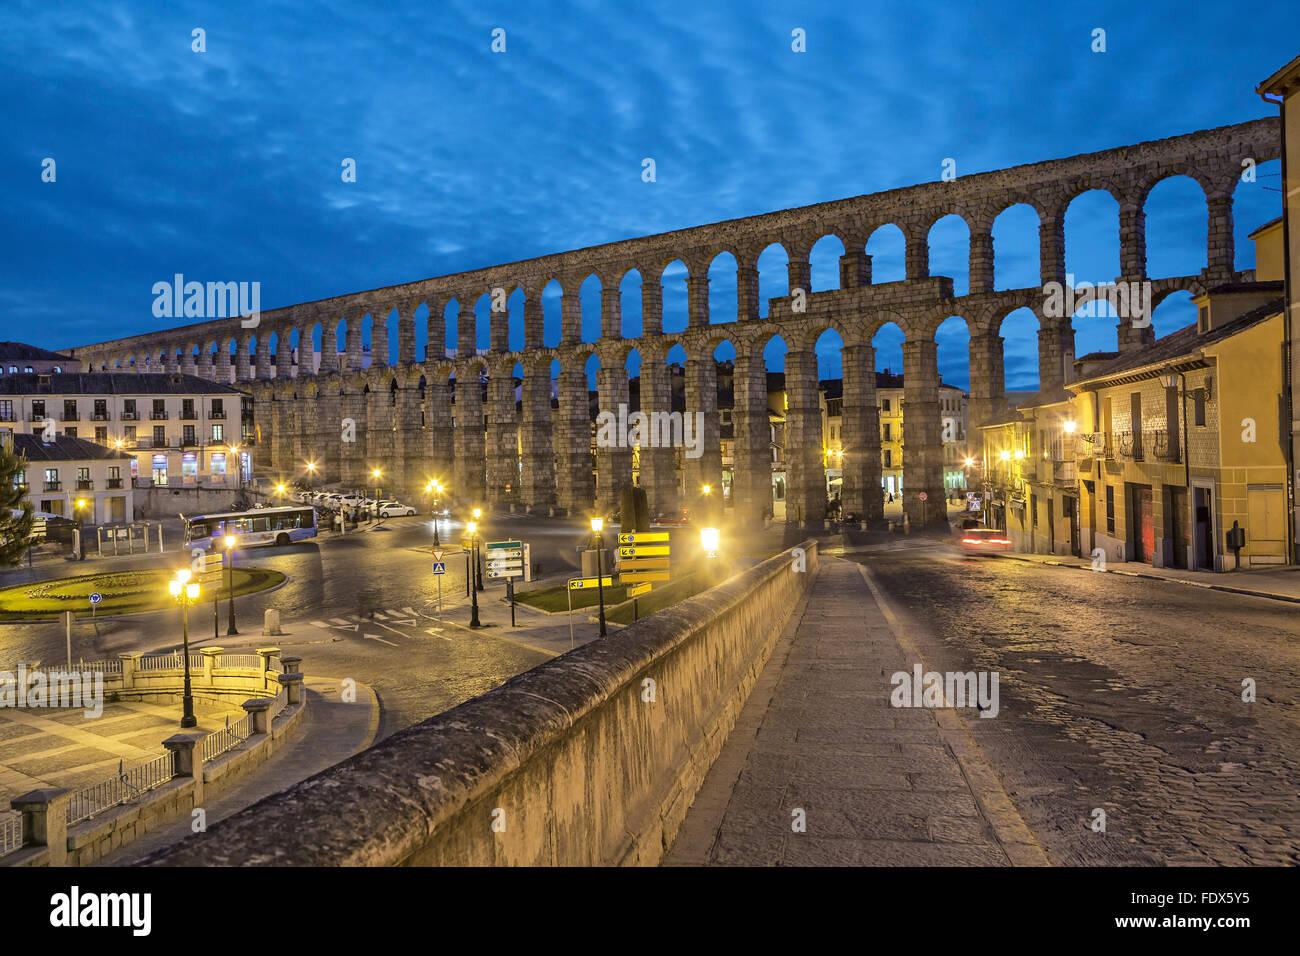 Ancient Roman aqueduct on Plaza del Azoguejo square in Segovia, Spain - Stock Image